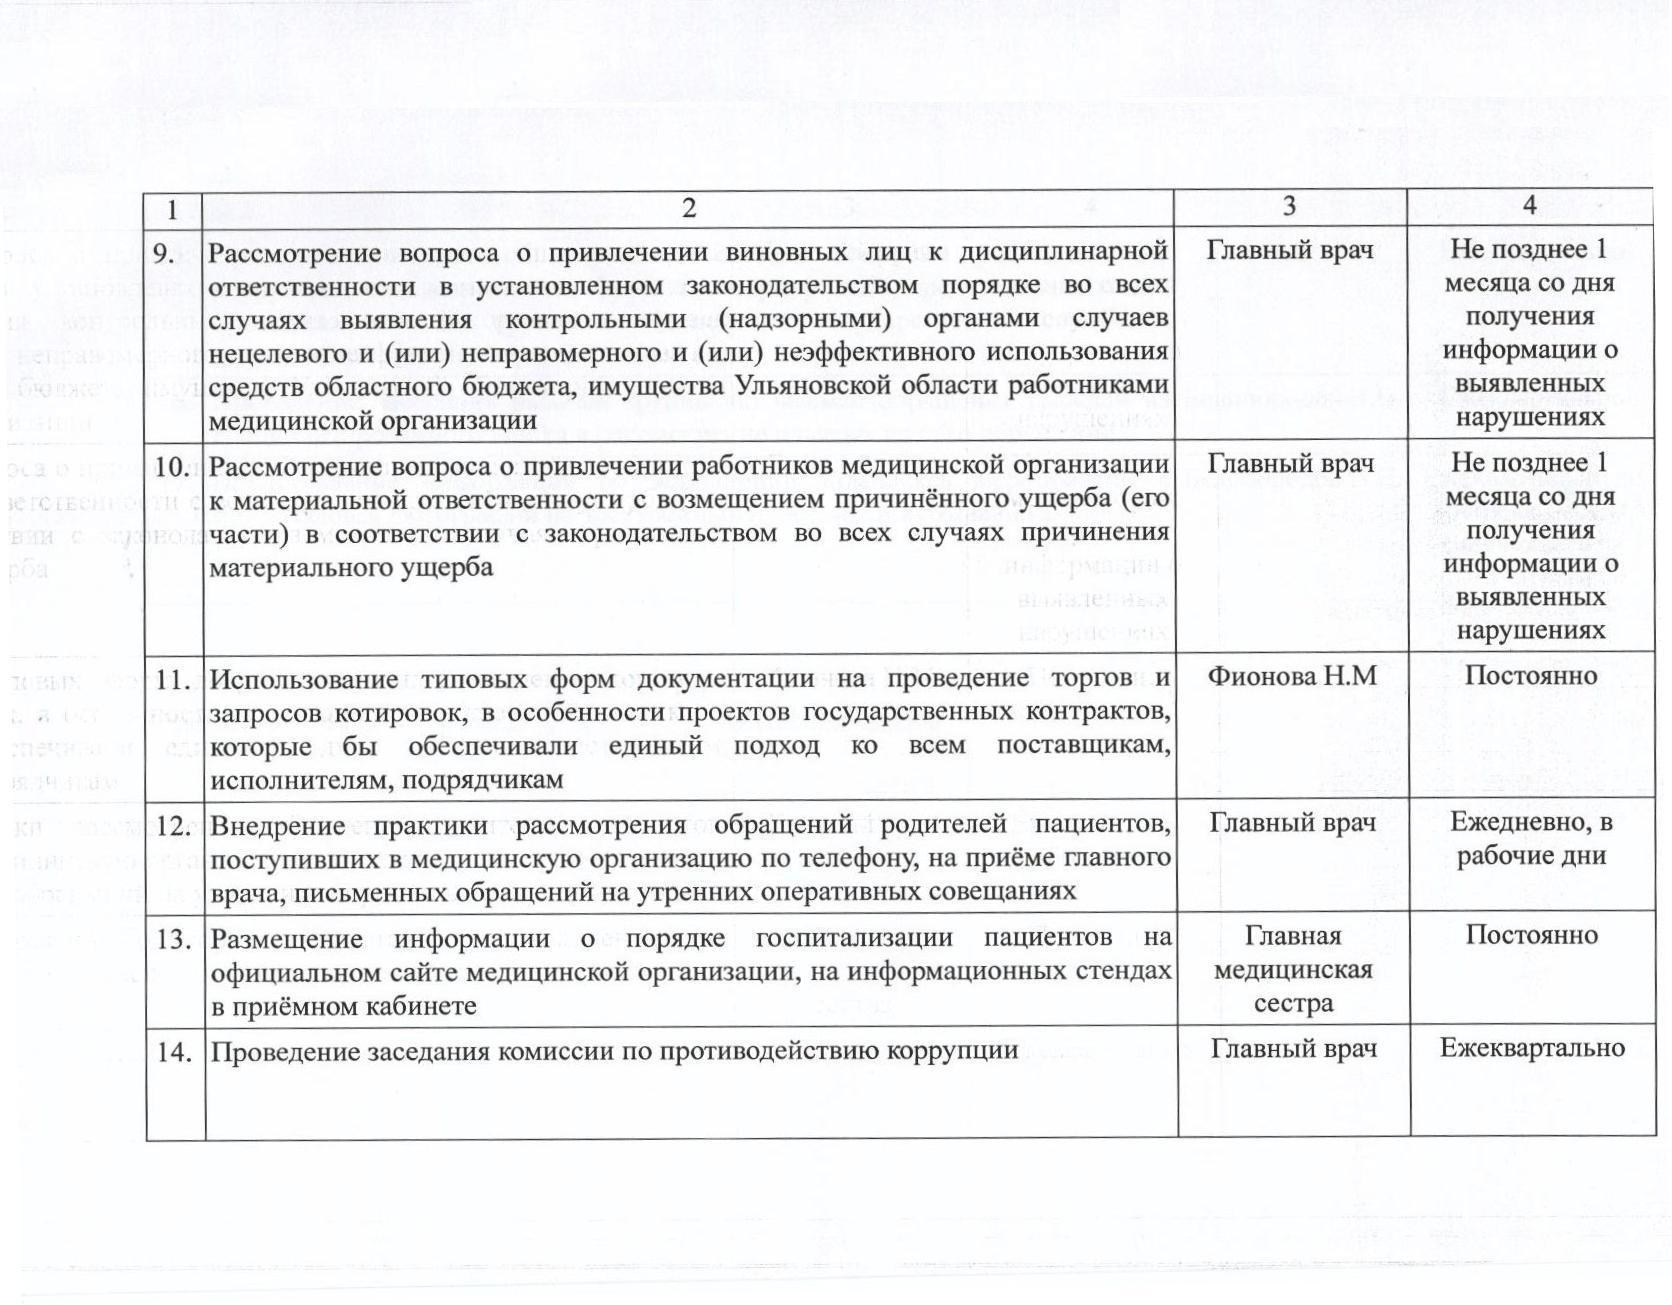 План работы по противодействию коррупции на 2018 год 002